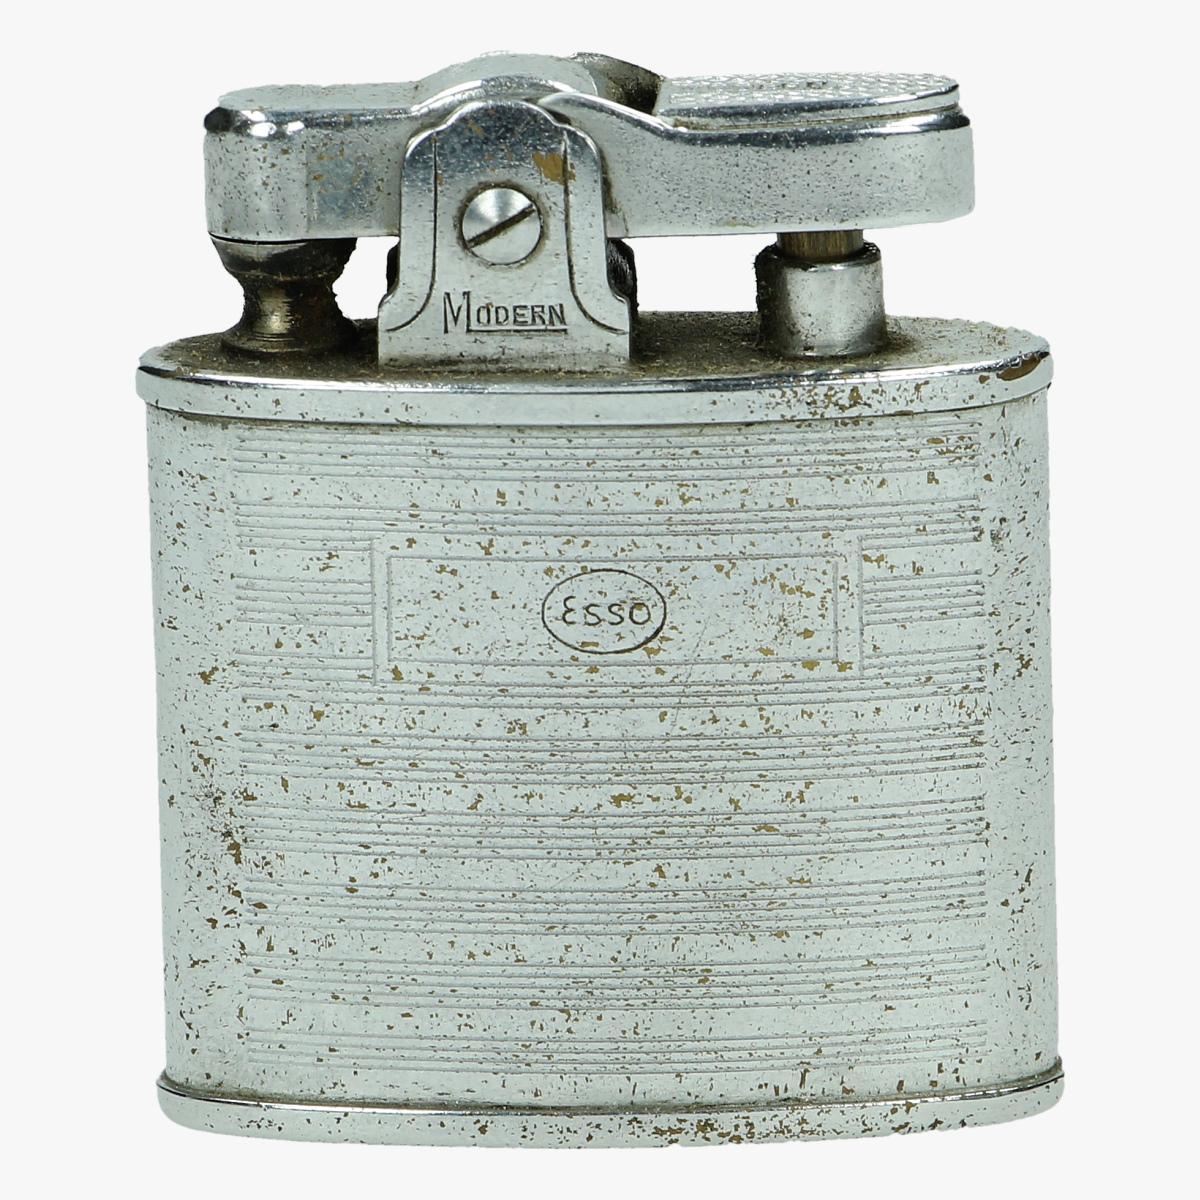 Afbeeldingen van oude aanstekker Esso H.M.C